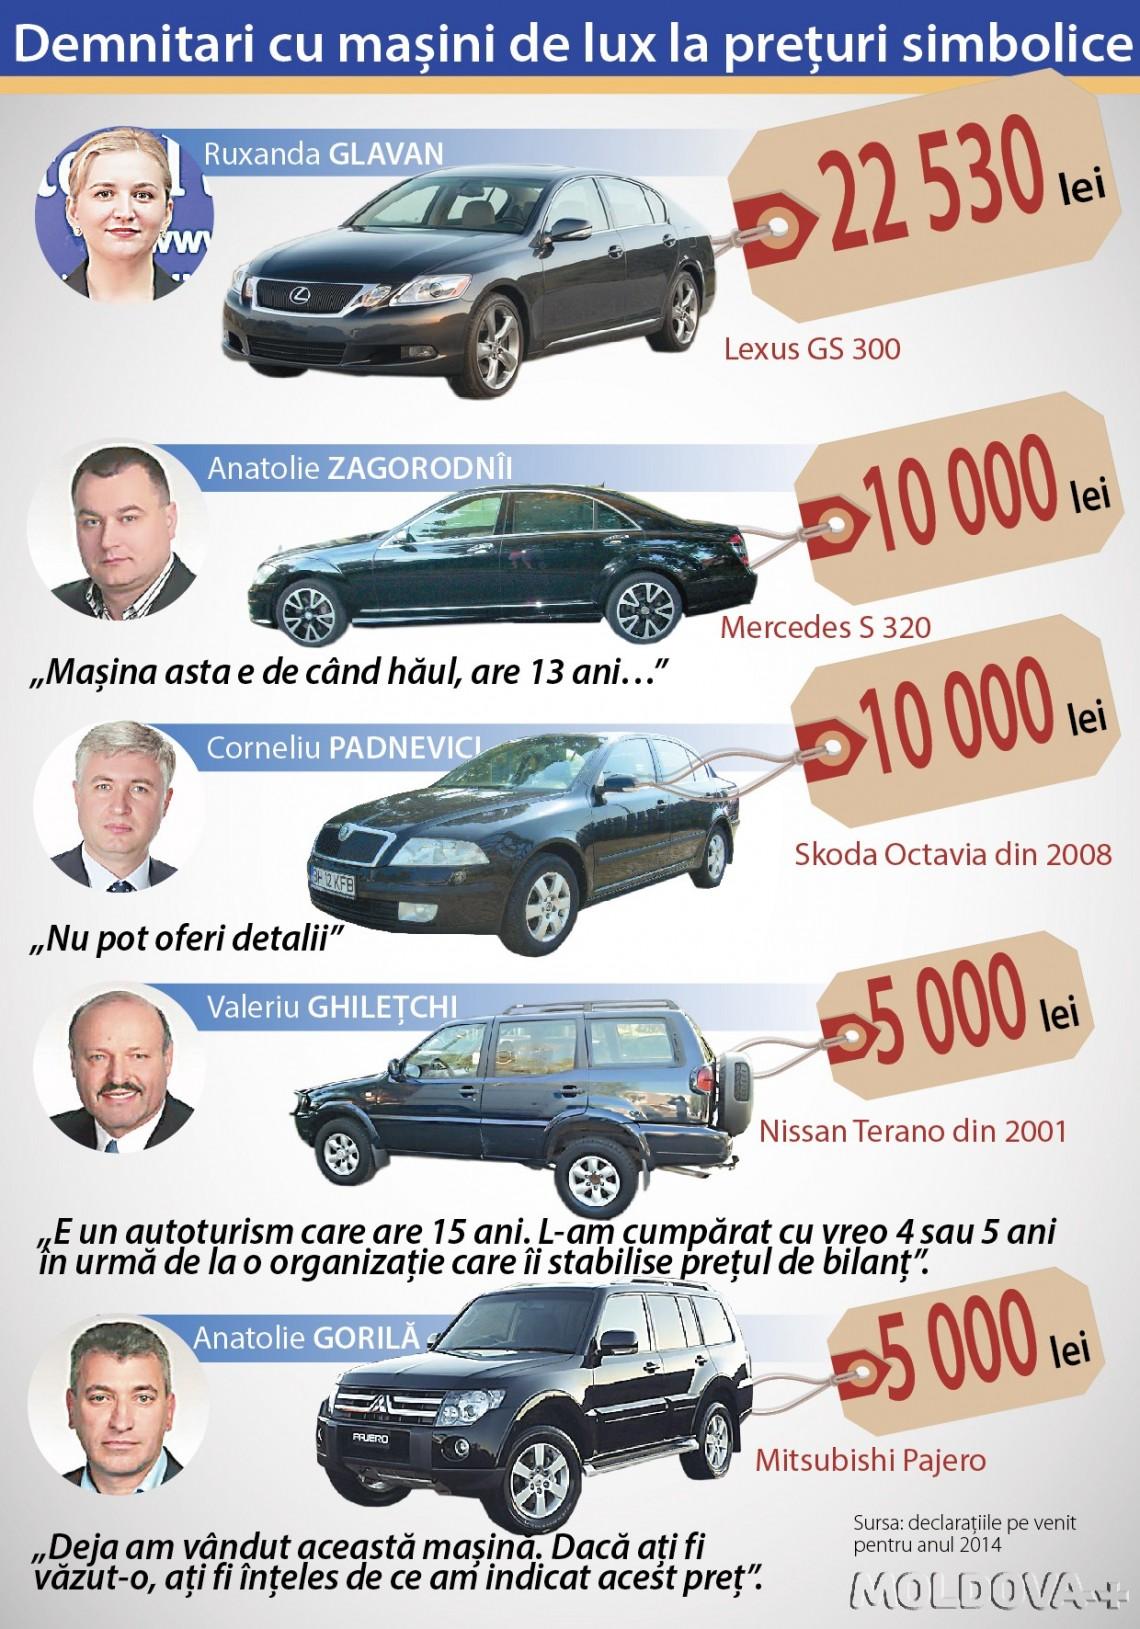 Demnitari cu mașini de lux la prețuri de nimic